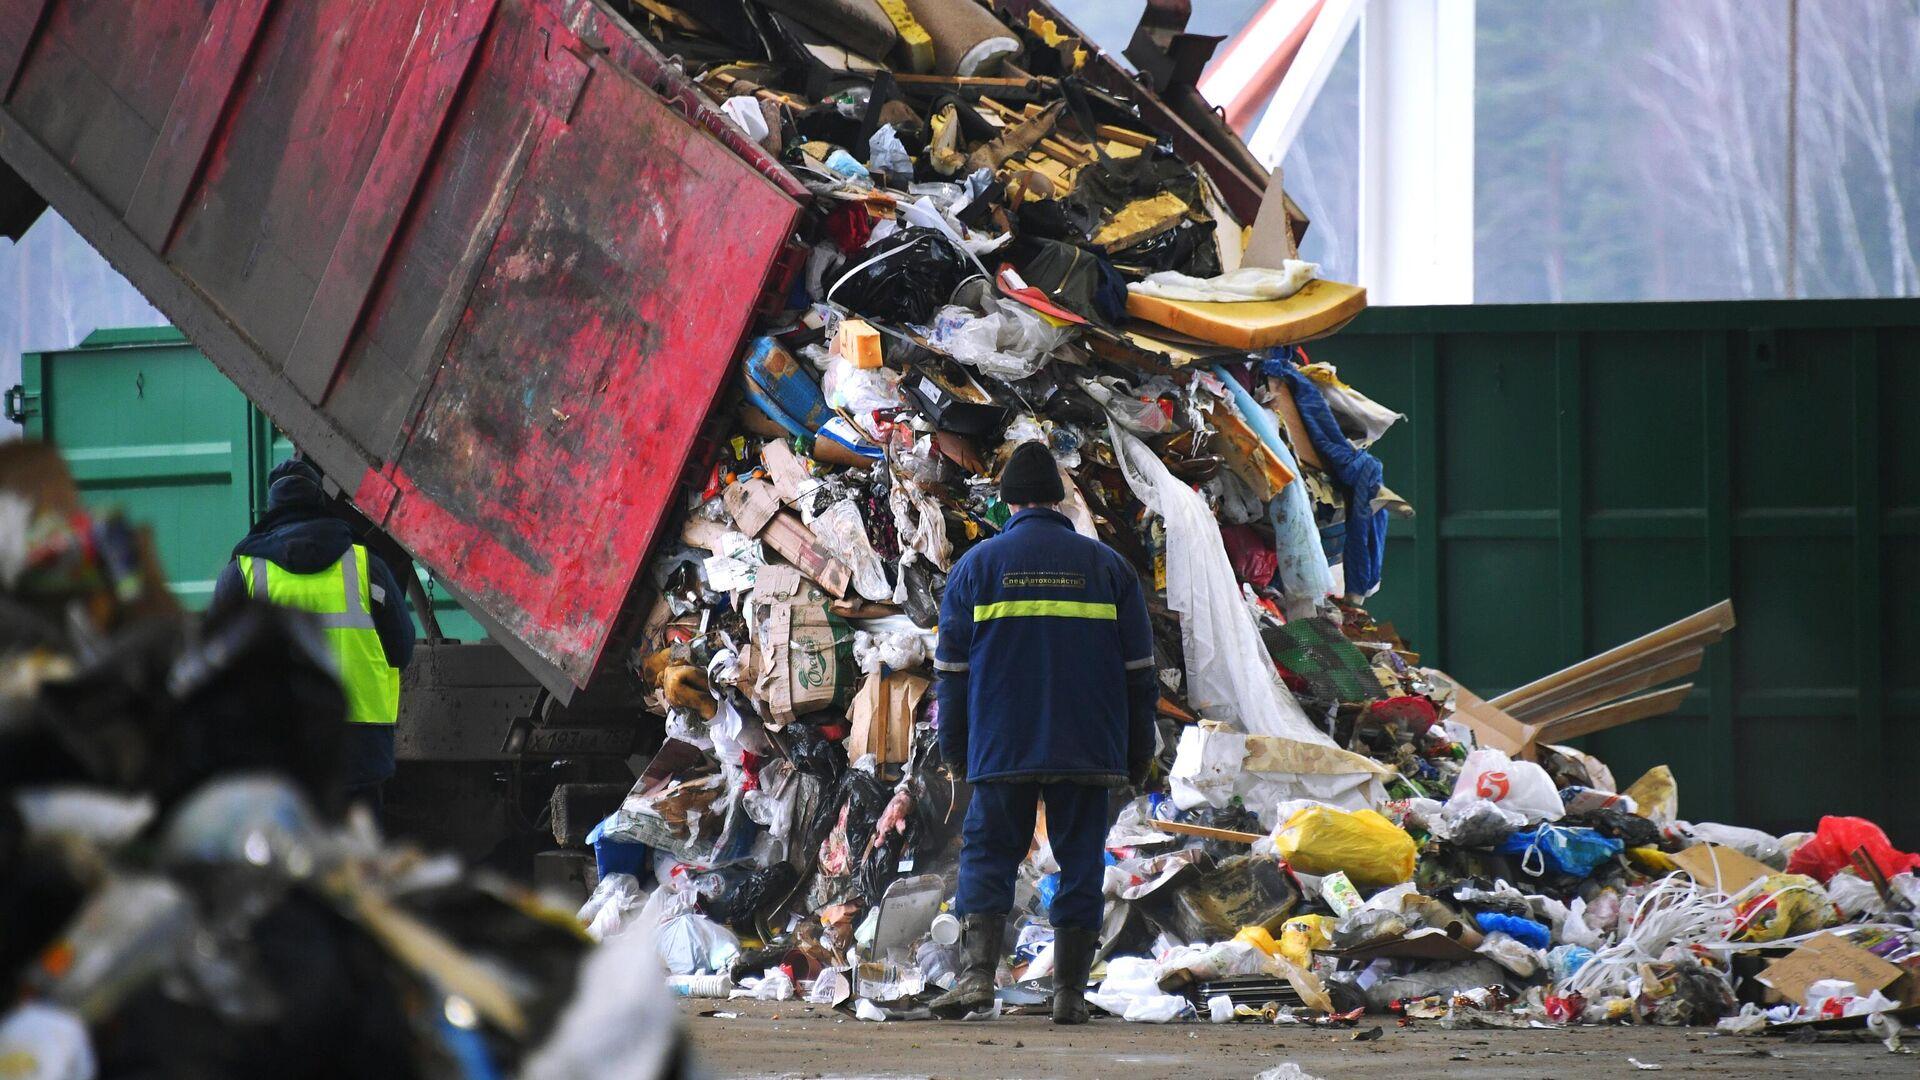 Разгрузка мусоровоза на предприятии по переработке отходов в Подмосковье - РИА Новости, 1920, 03.08.2021